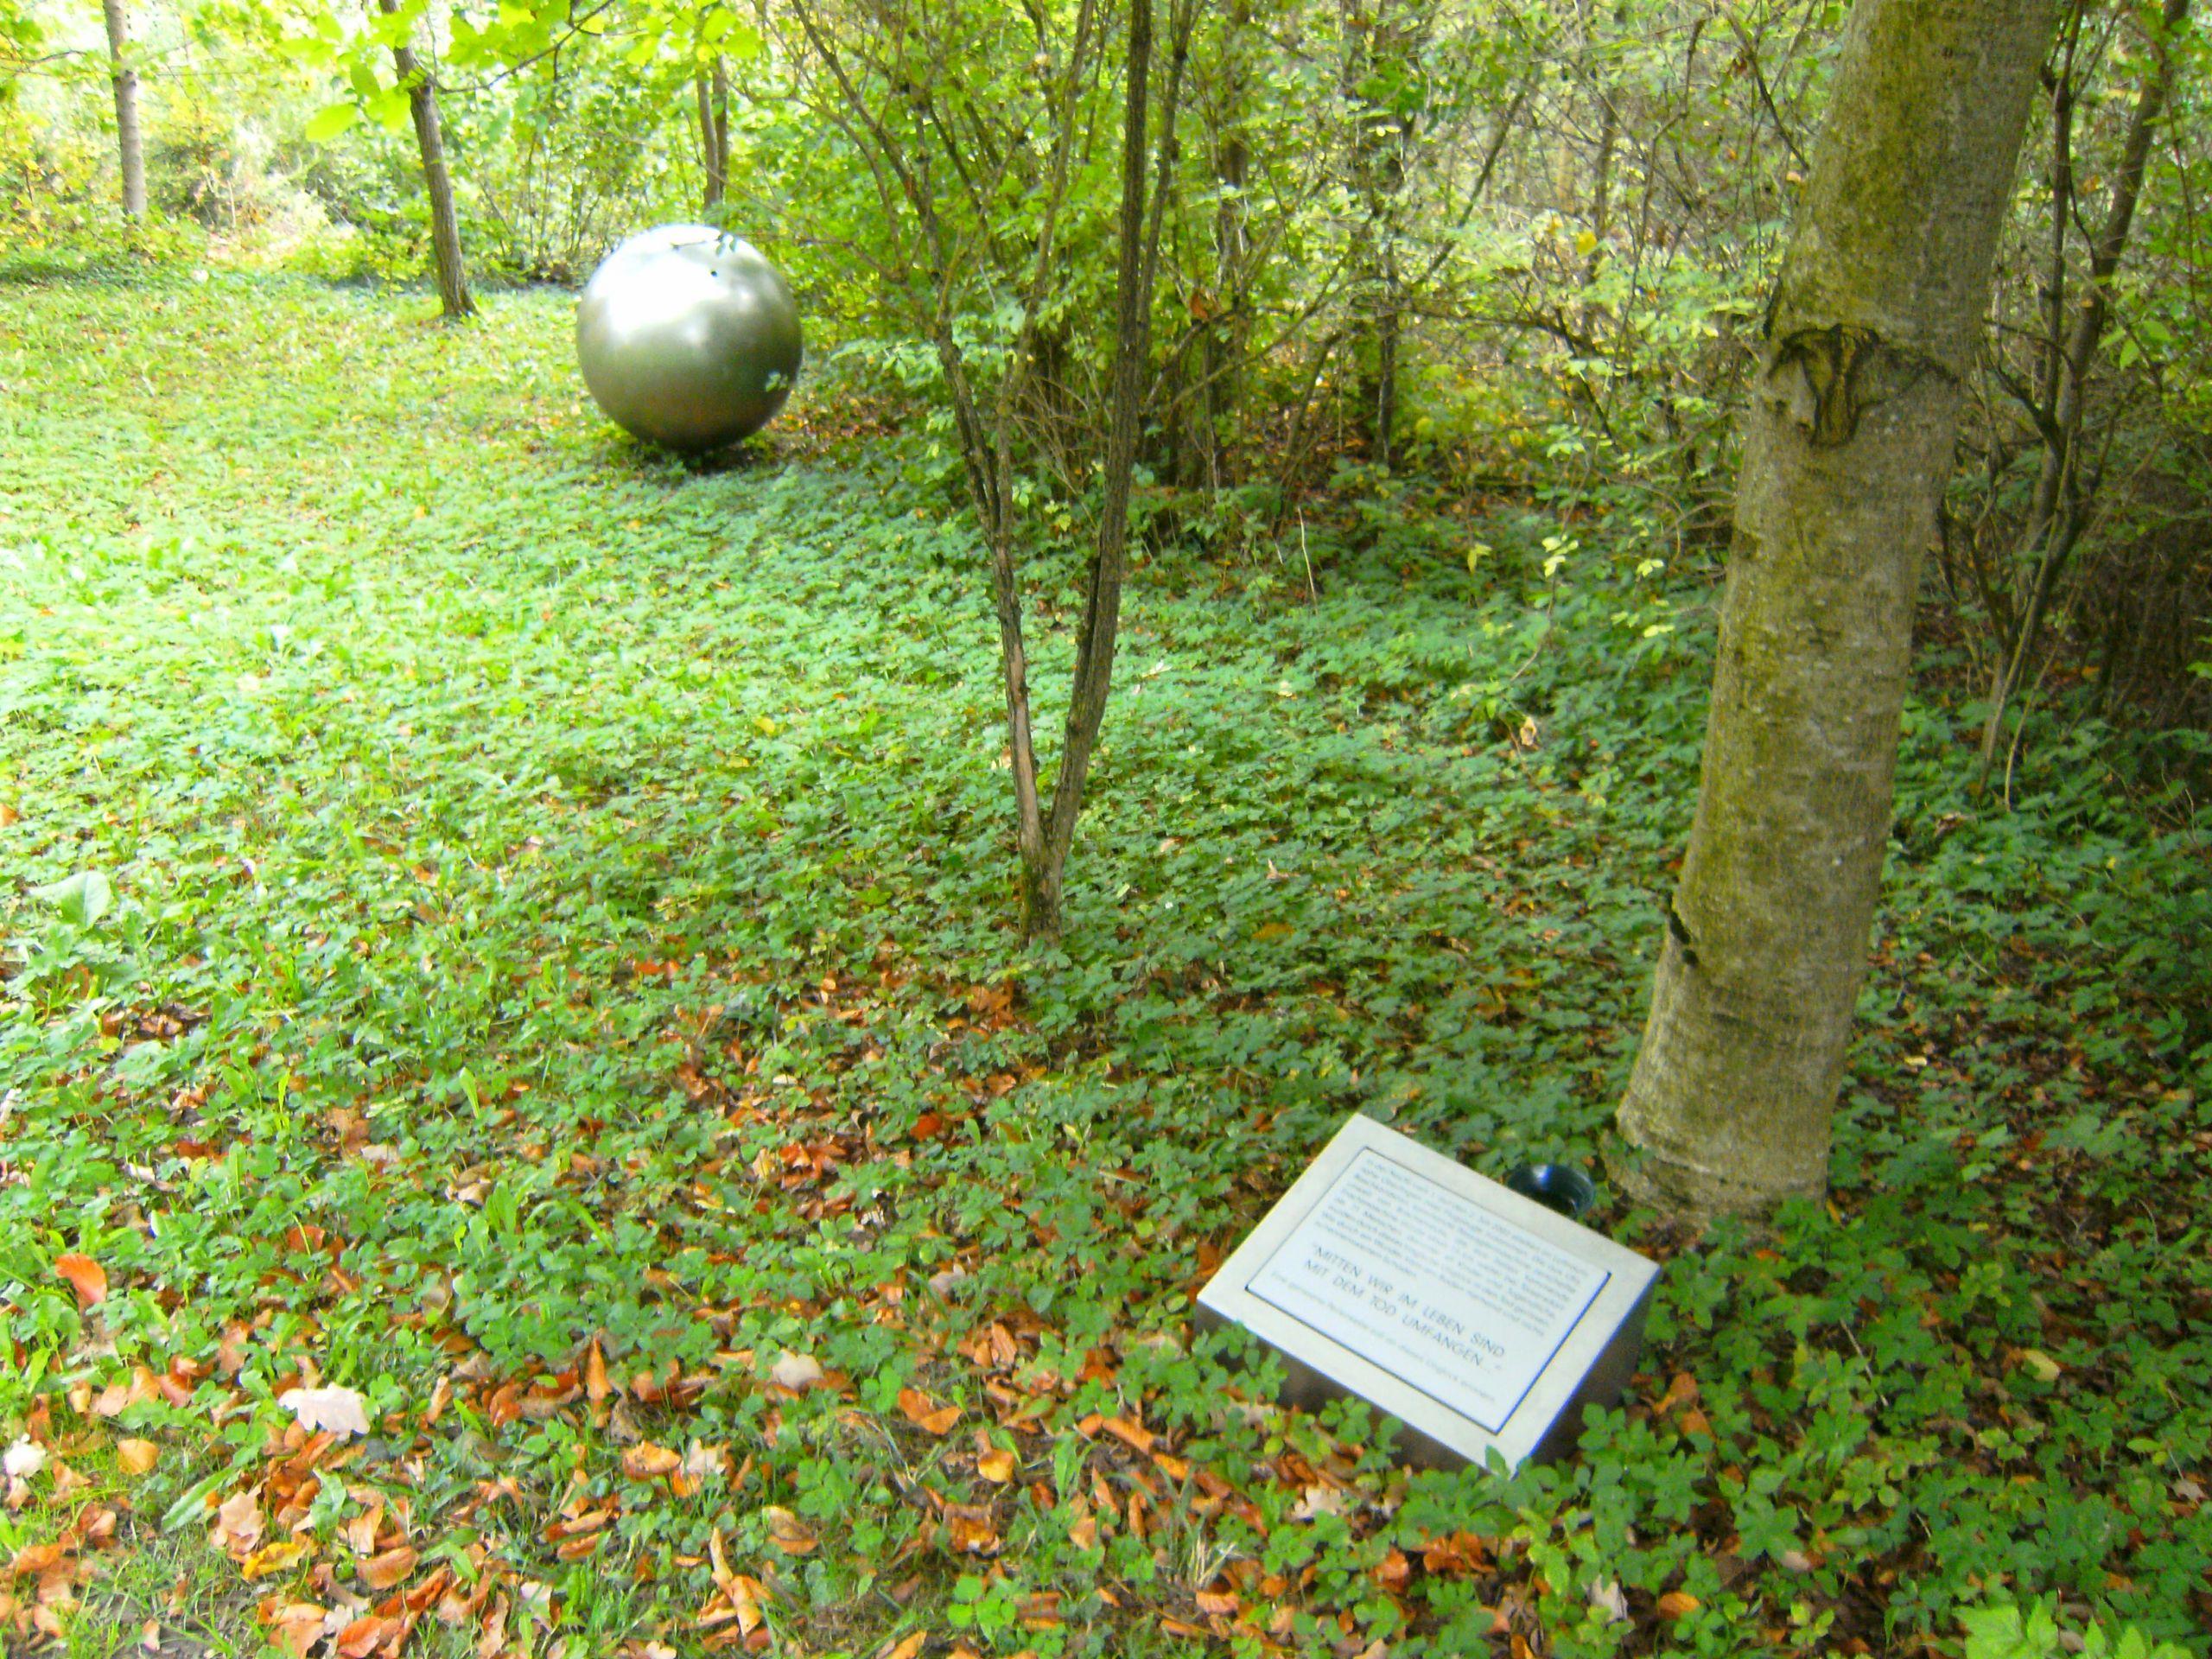 Metallkugel Garten Schön File Flugzeugkollision überlingen Erinnerungstafel Kugel